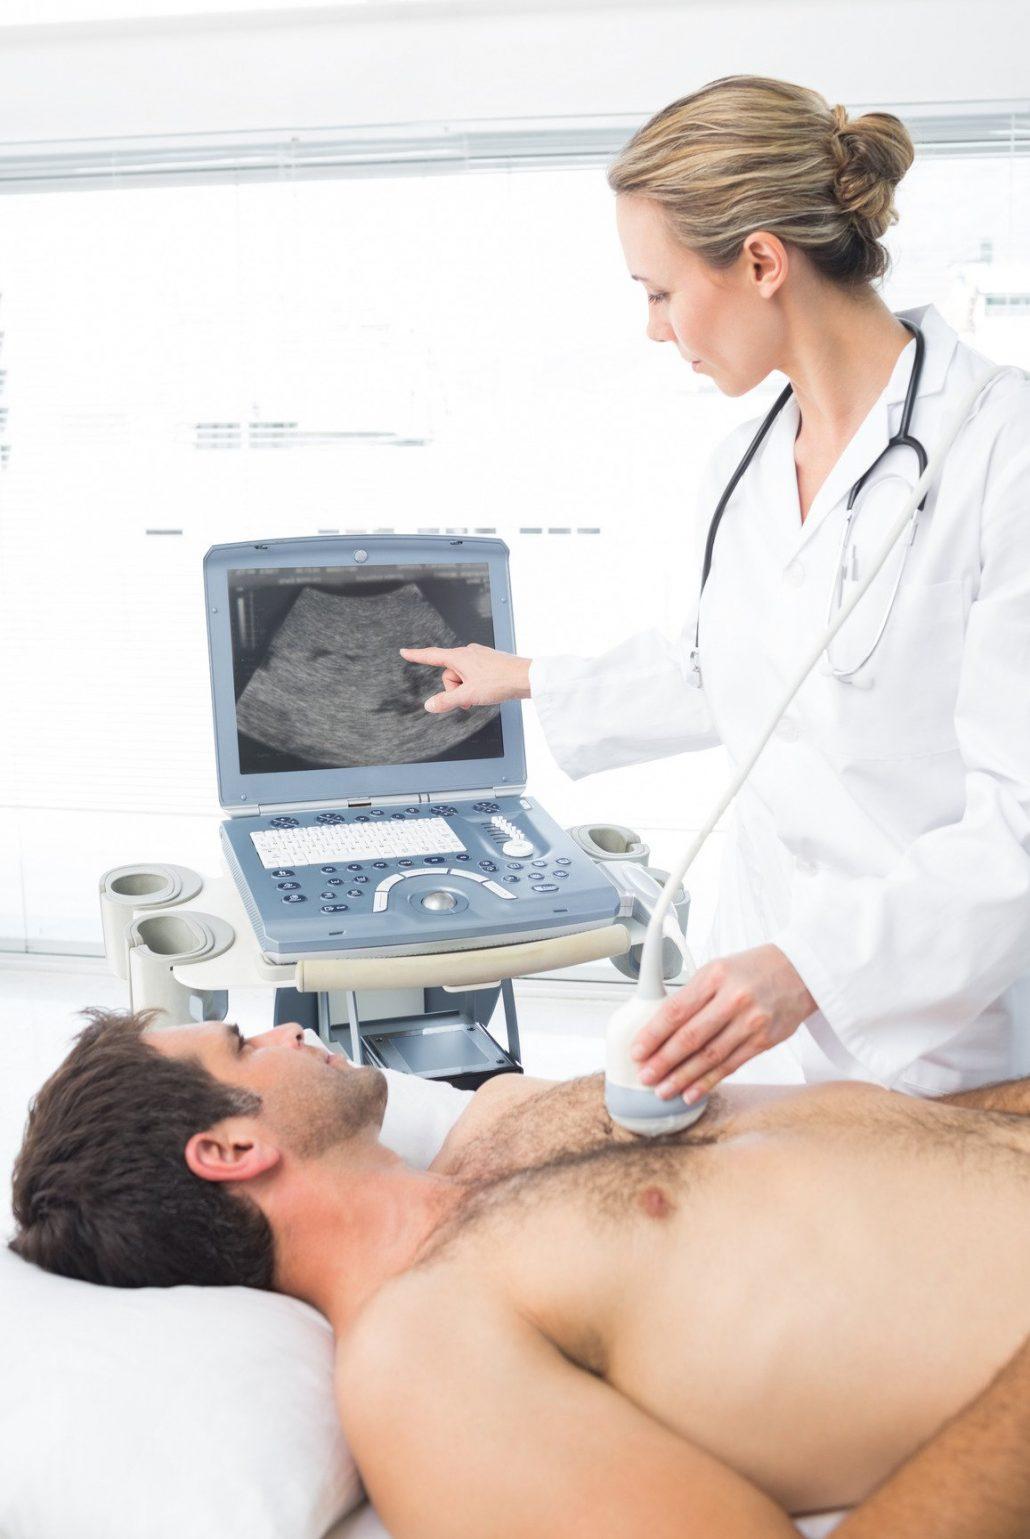 Badanie usg serca z oceną metodą Dopplera (tzw. echo serca; echokardiografia)